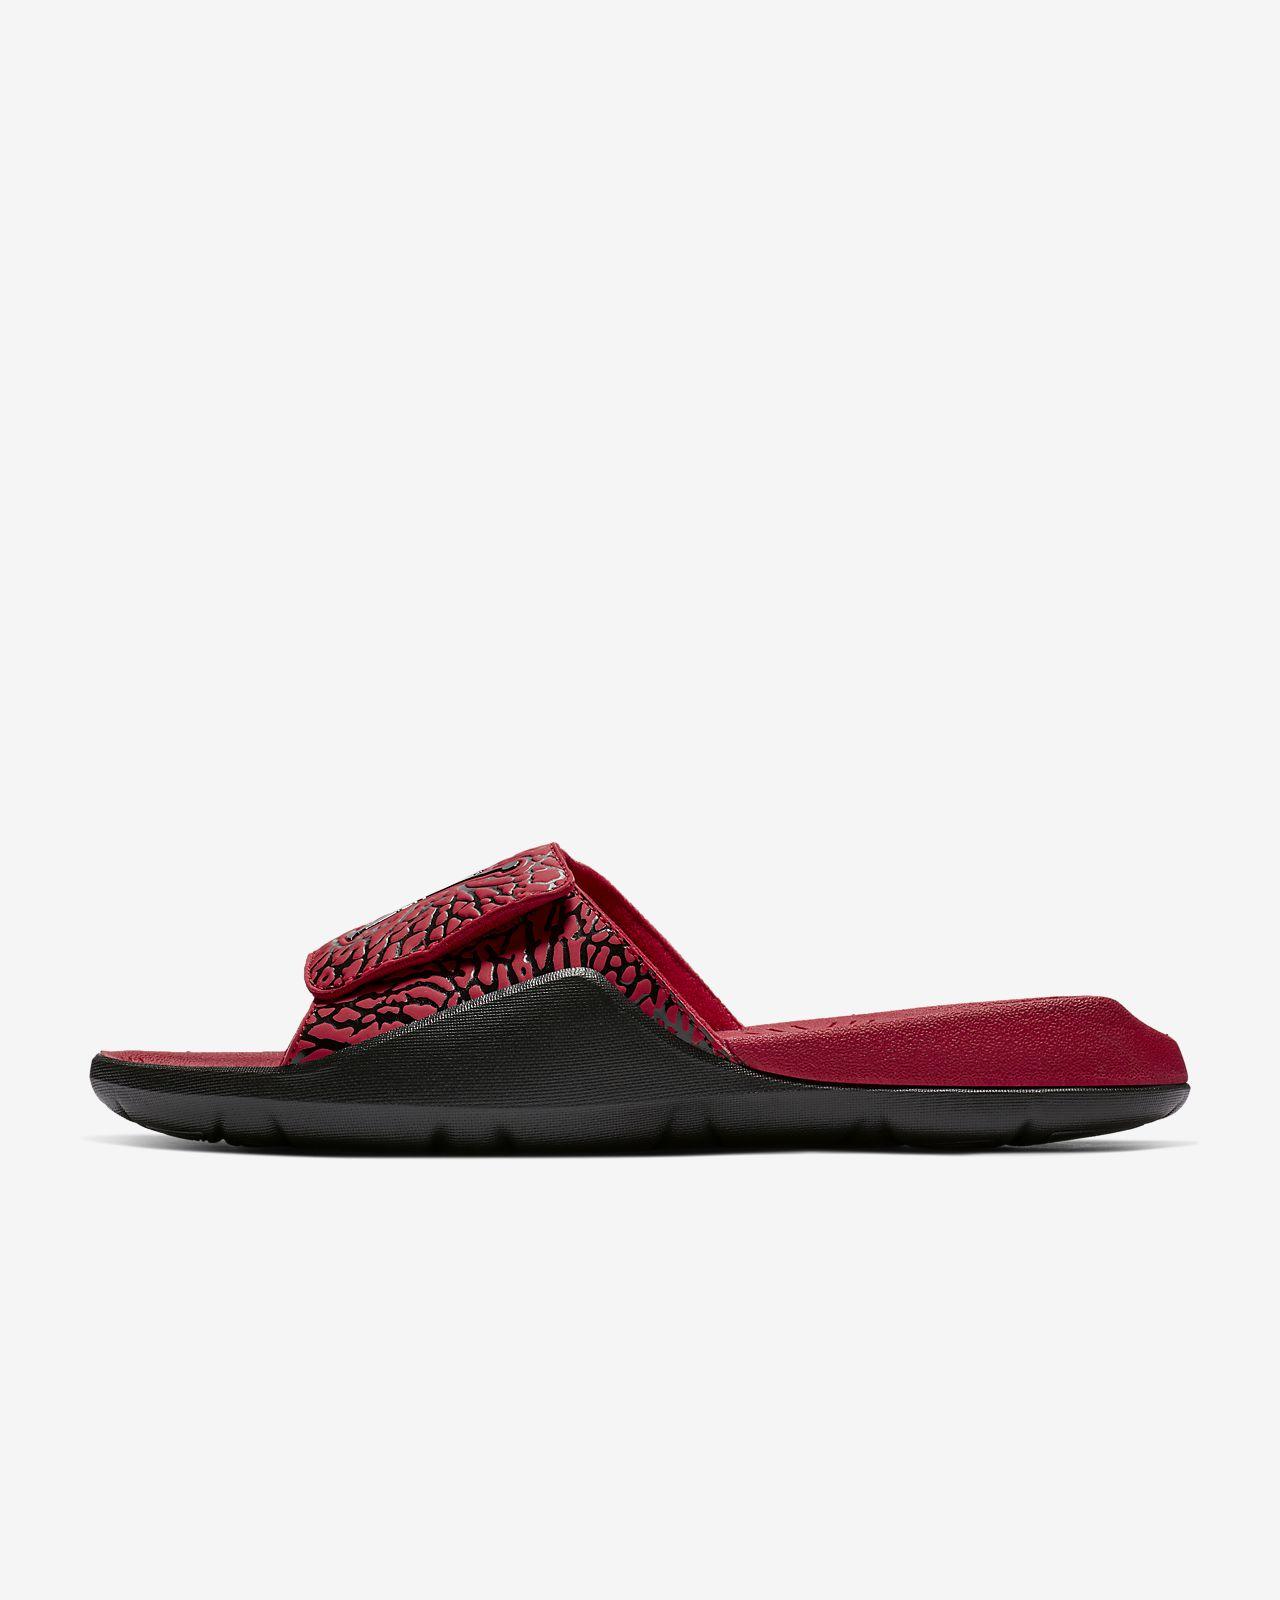 950c169e5e1 Jordan Hydro 7 V2 Slide. Nike.com IN